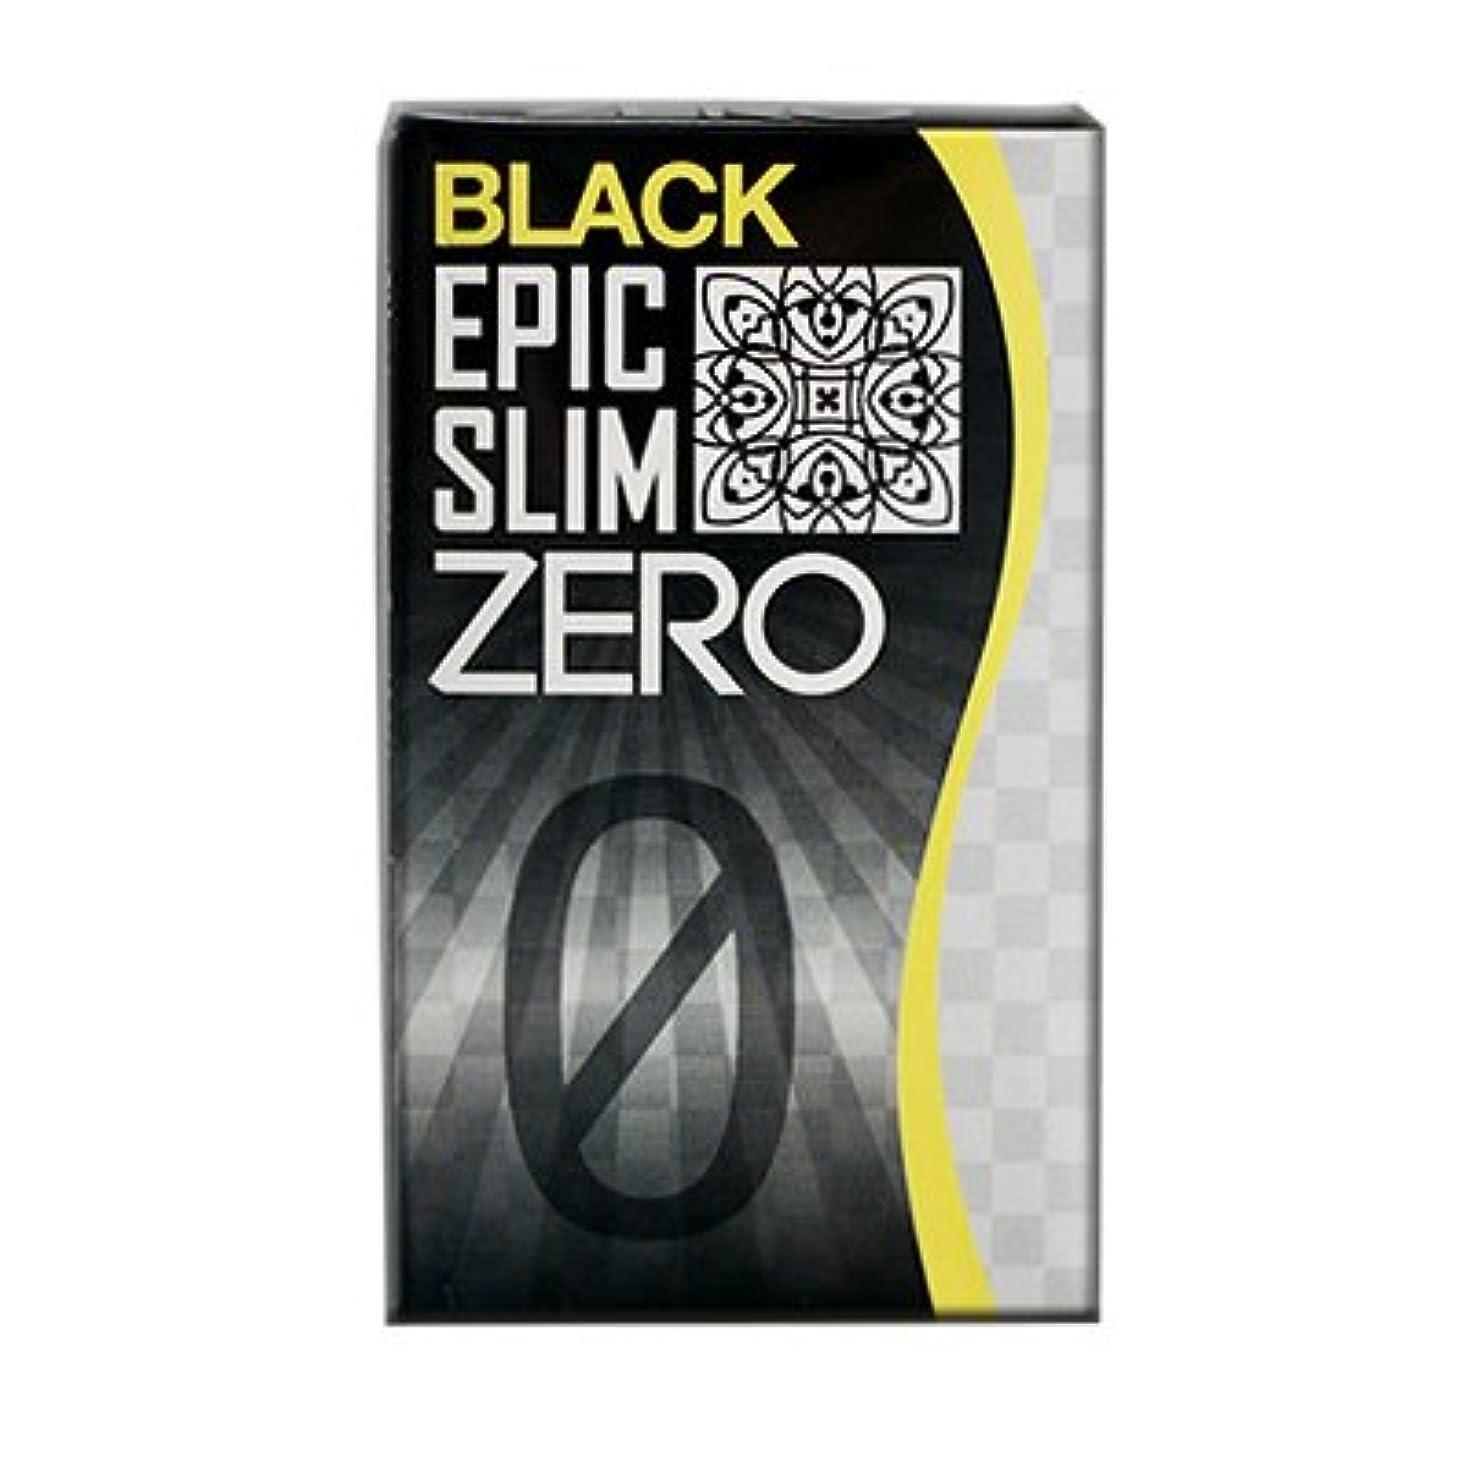 調子病な精査ブラック エピックスリム ゼロ ブラック Epic Slim ZERO BLACK